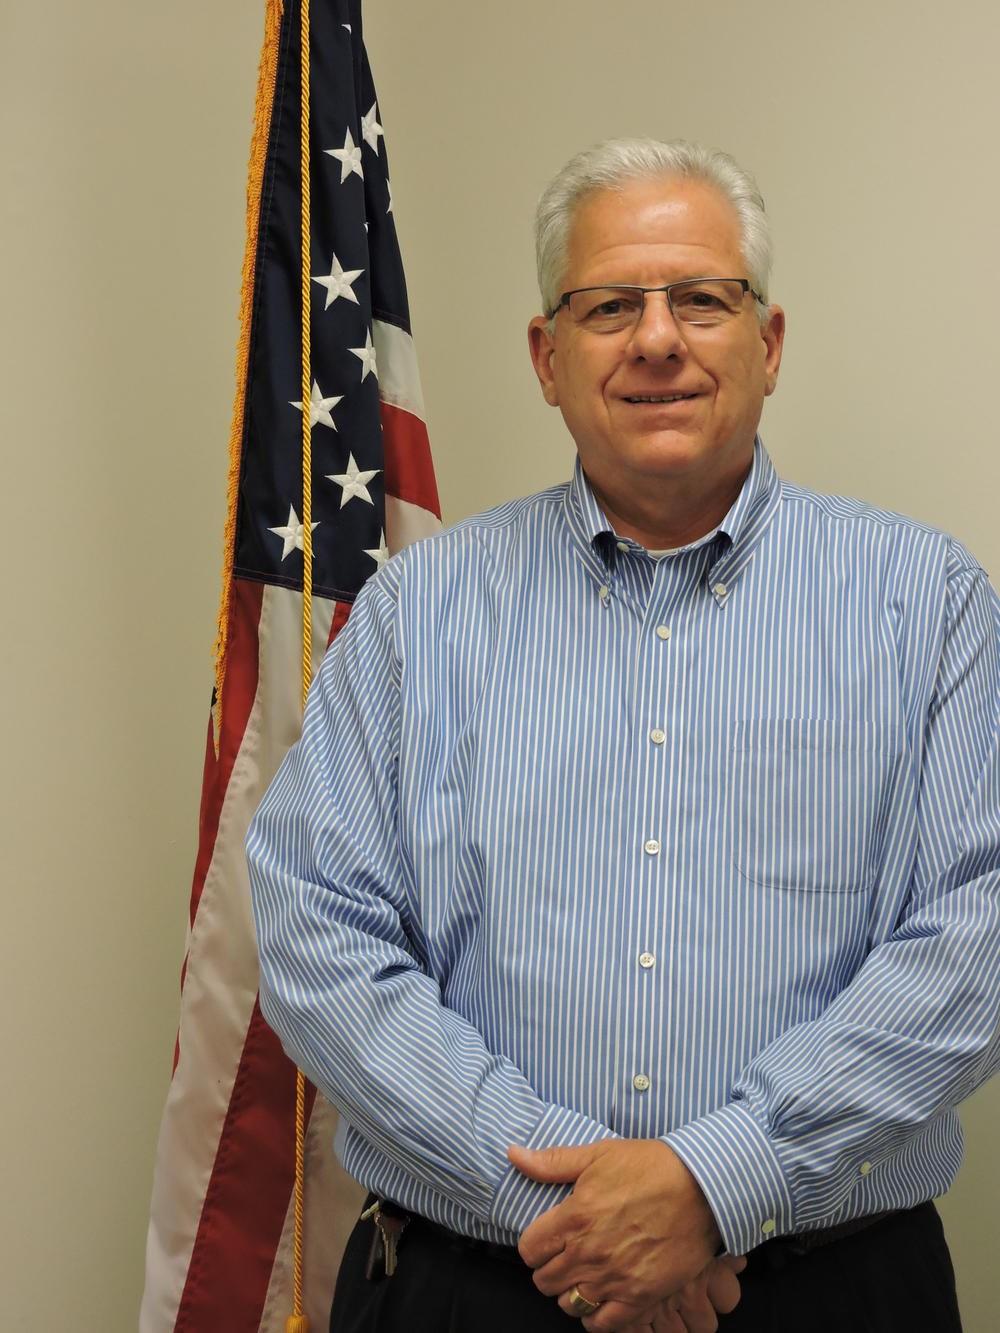 Jack Buscemi, School Board Member